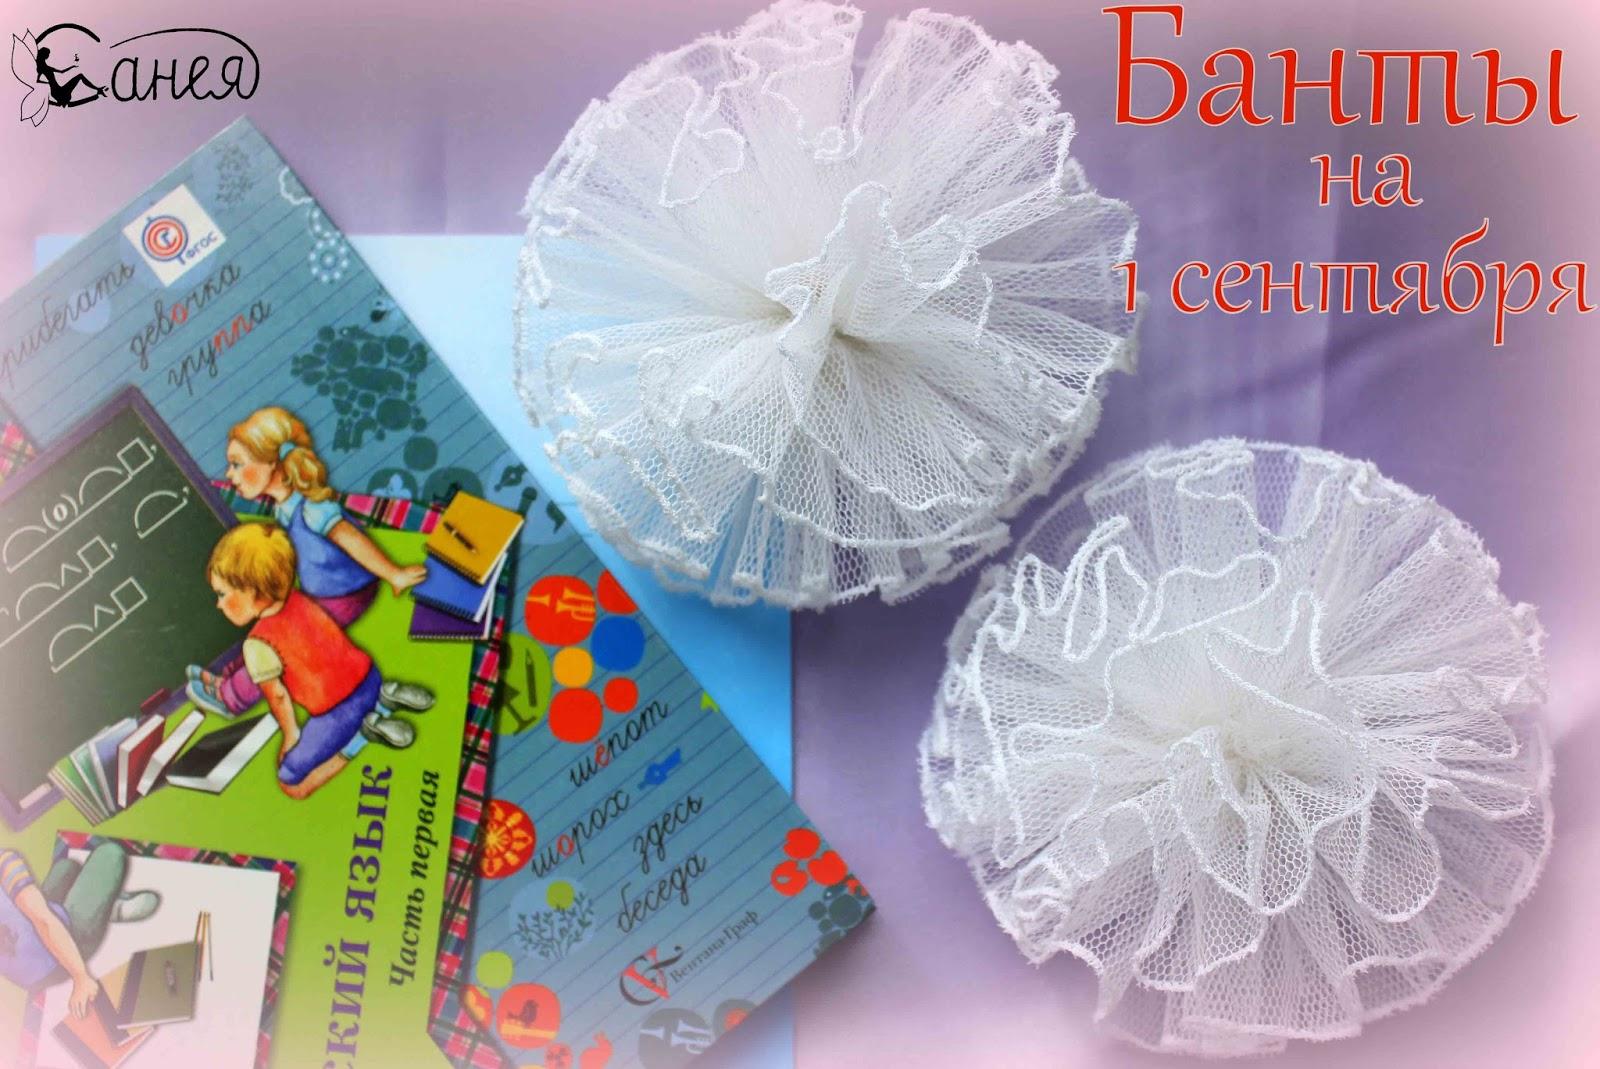 Санея: Банты на 1 сентября и другие резиночки-повязочки ...